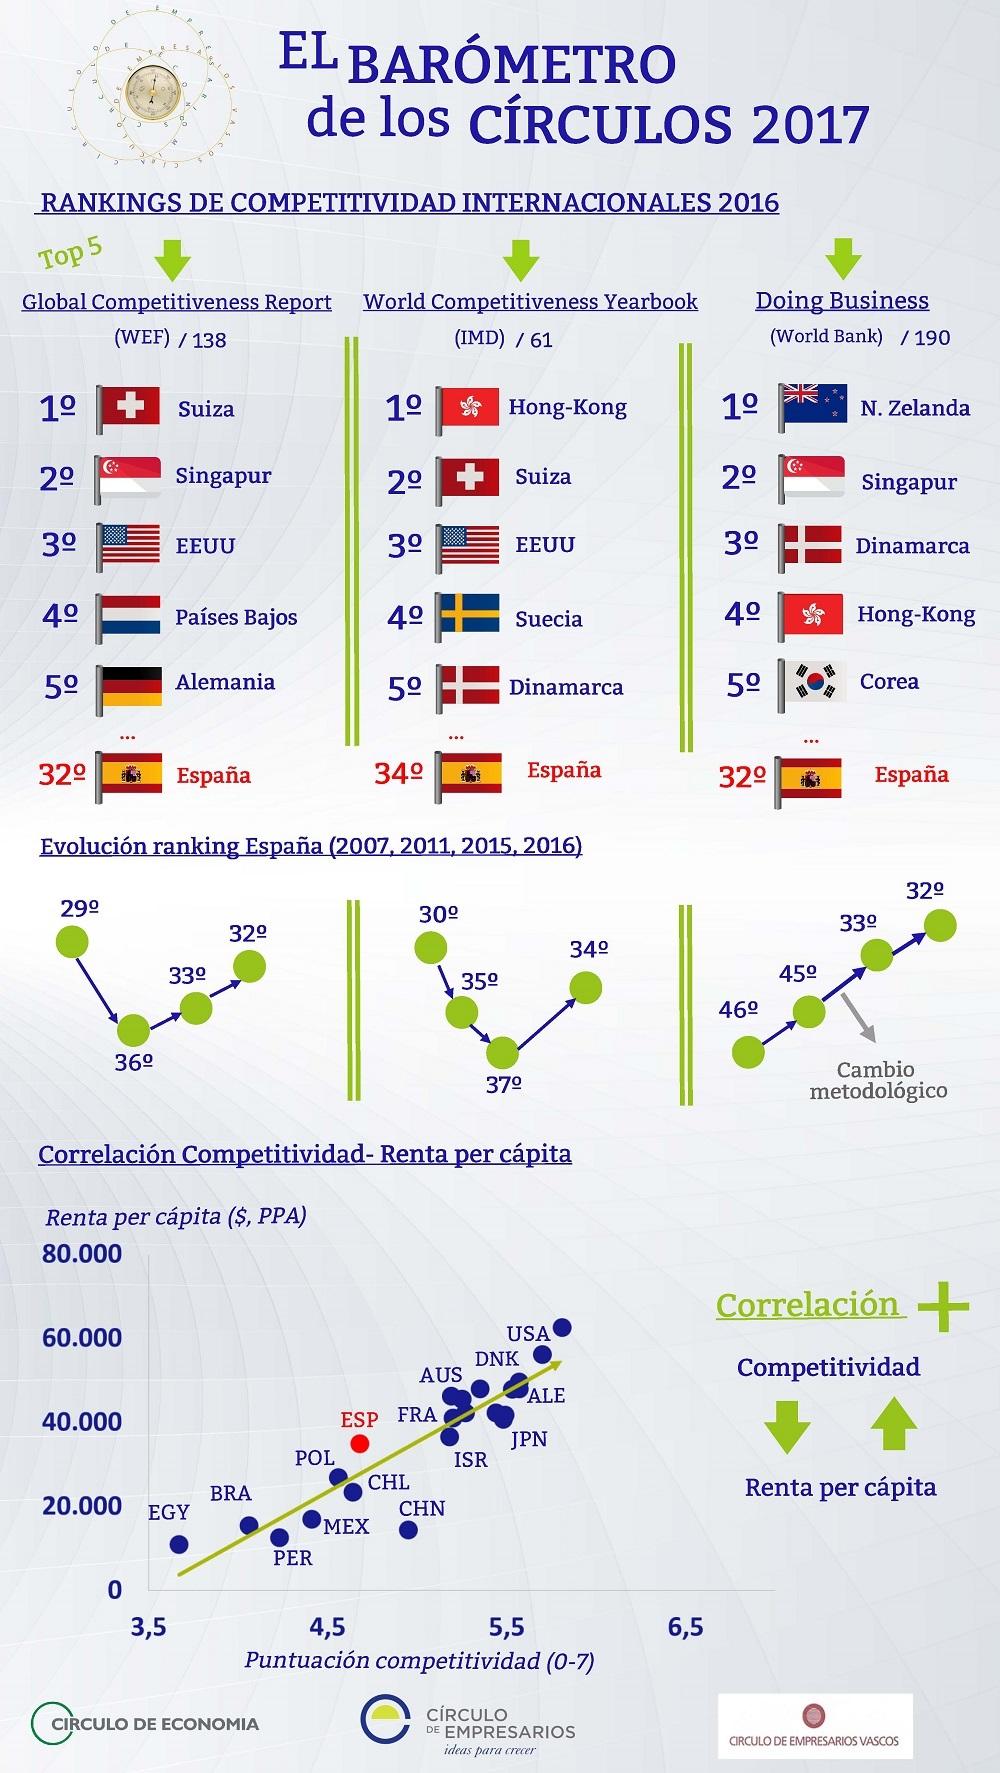 Posición competitiva de España - El Barómetro de los Círculos